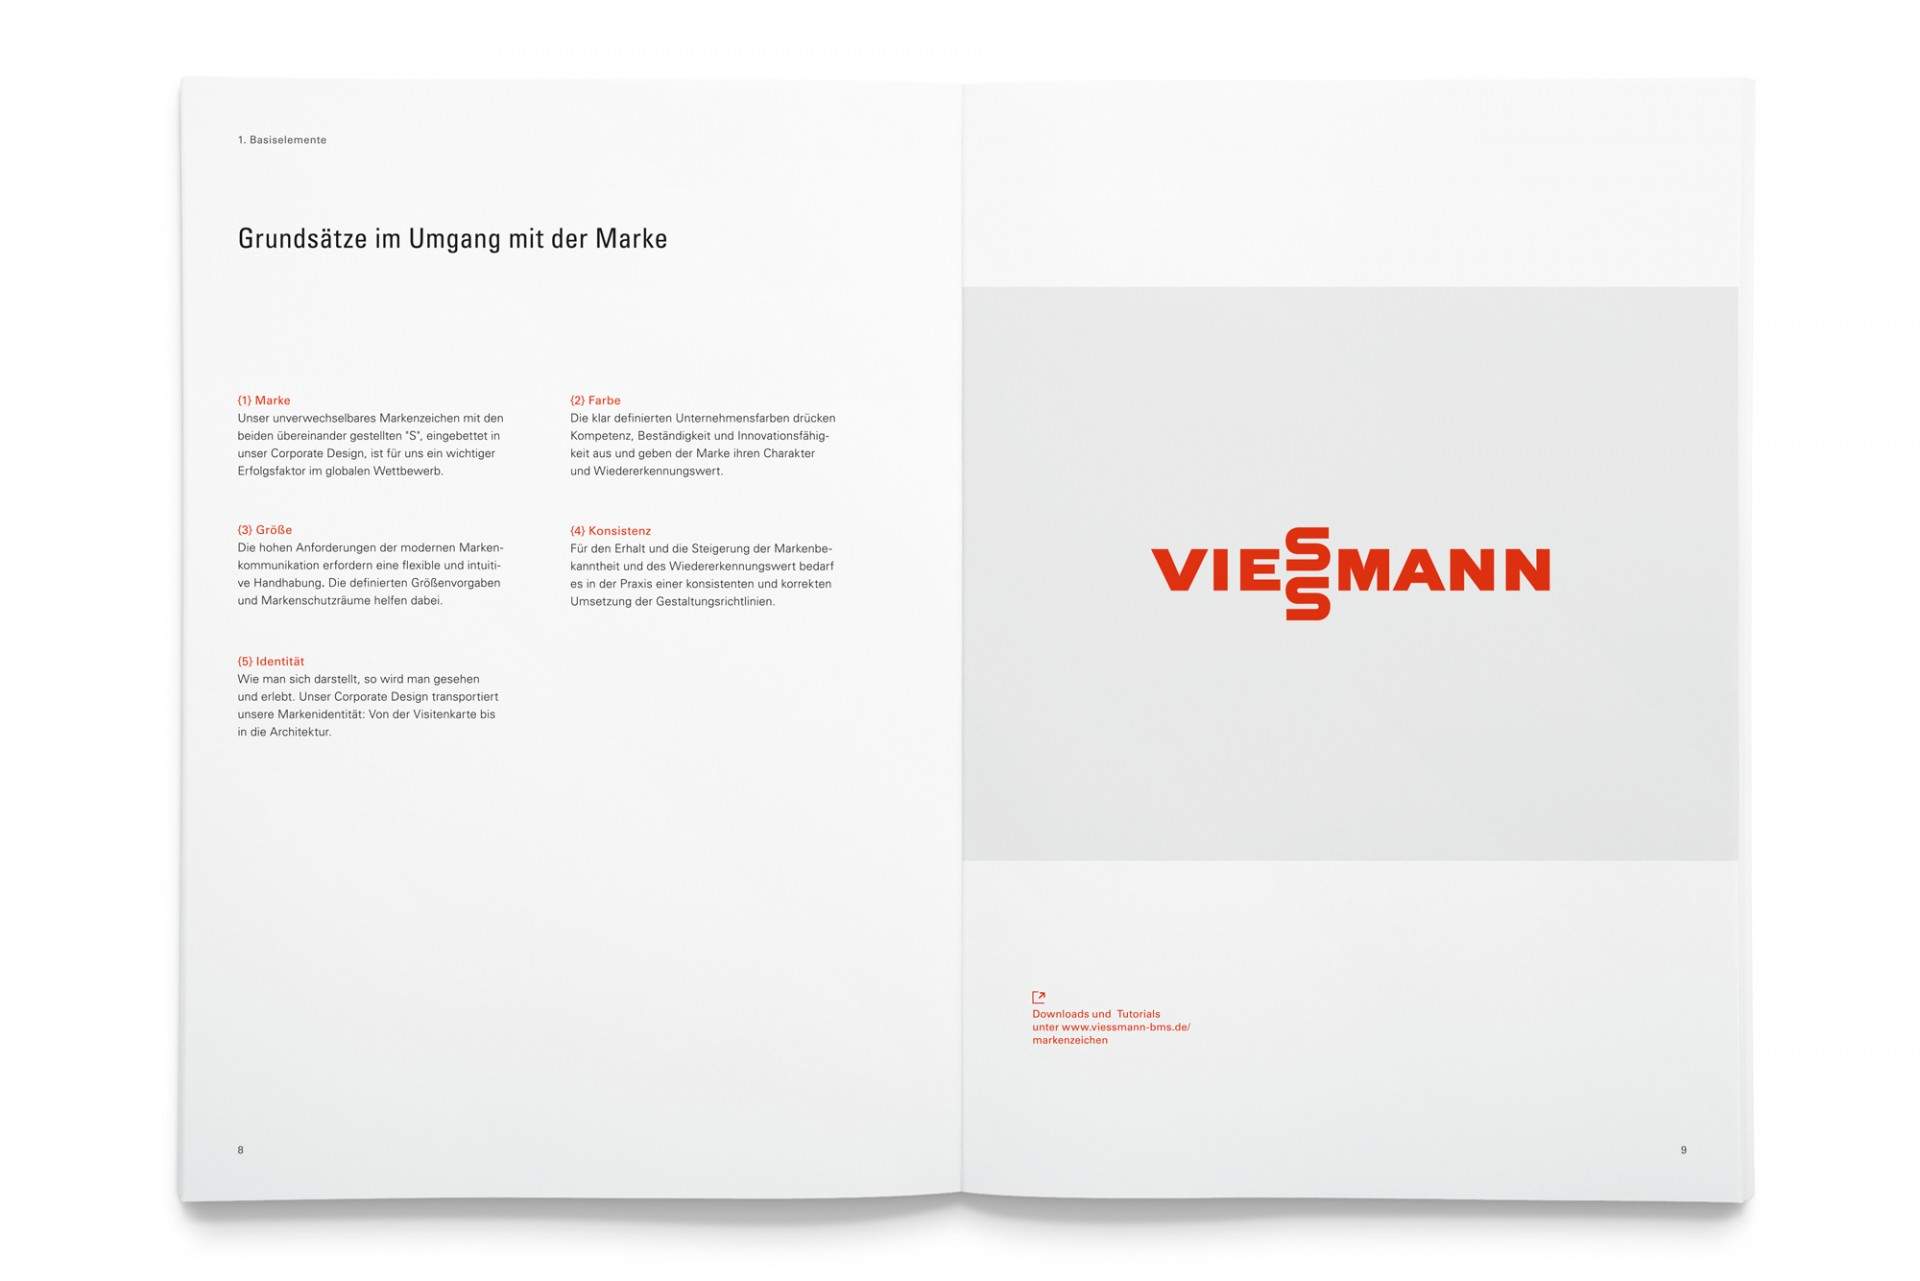 Sonja Rezaii Viessmann Visuell